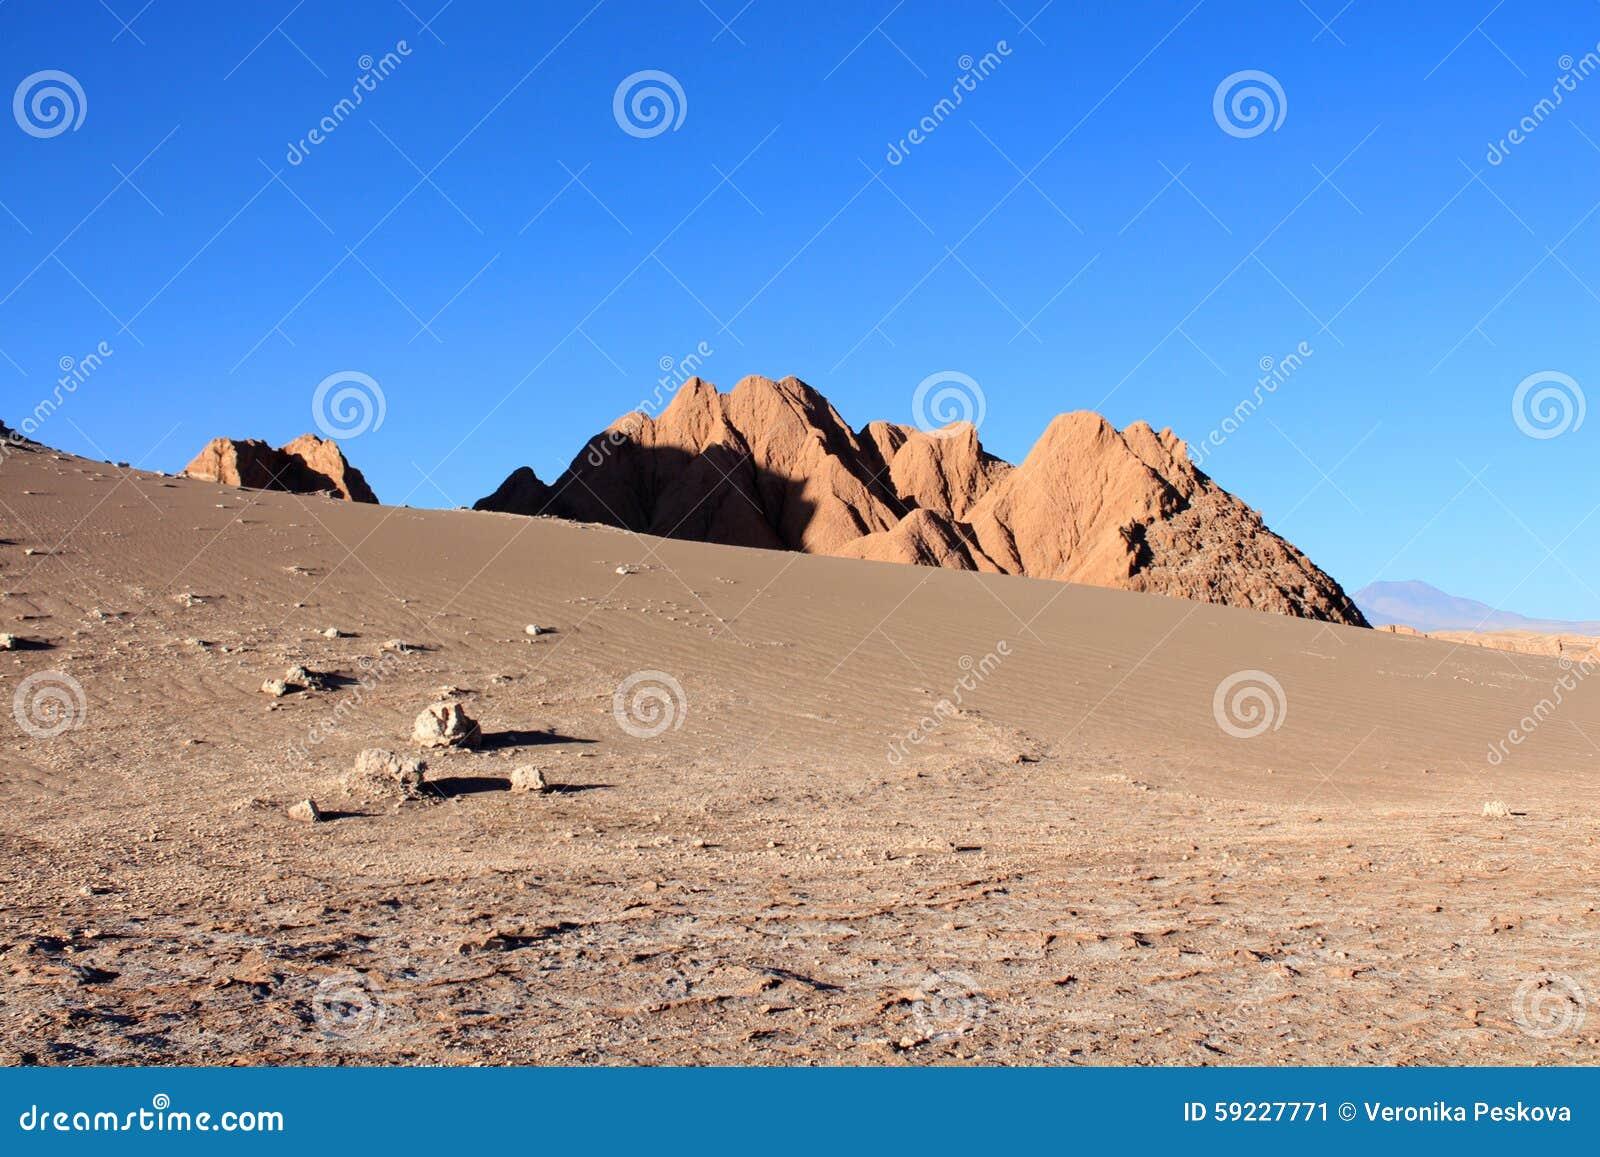 Desierto de Atacama durante puesta del sol